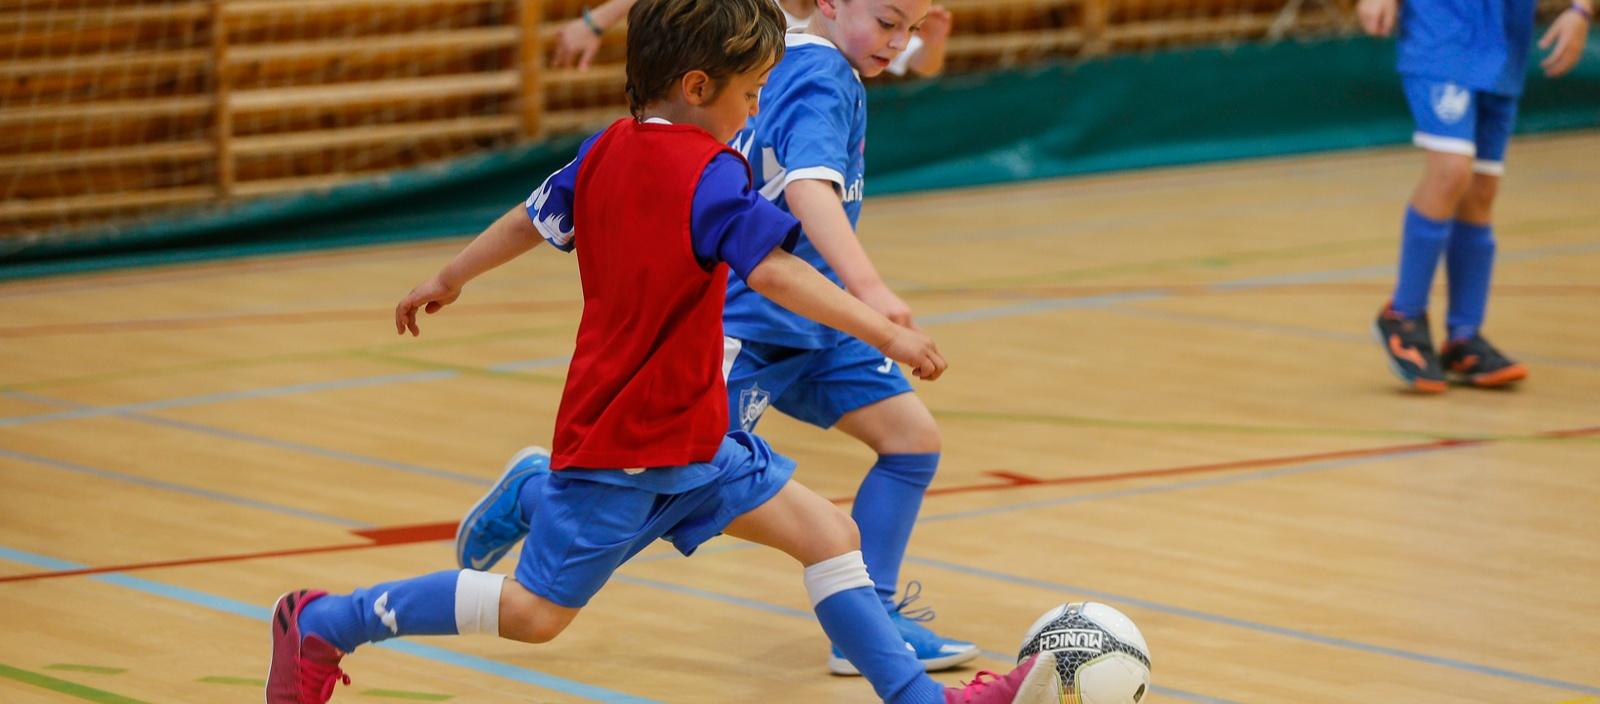 En els darrers calendaris s'incorporaran més de 1.200 equips de futbol sala